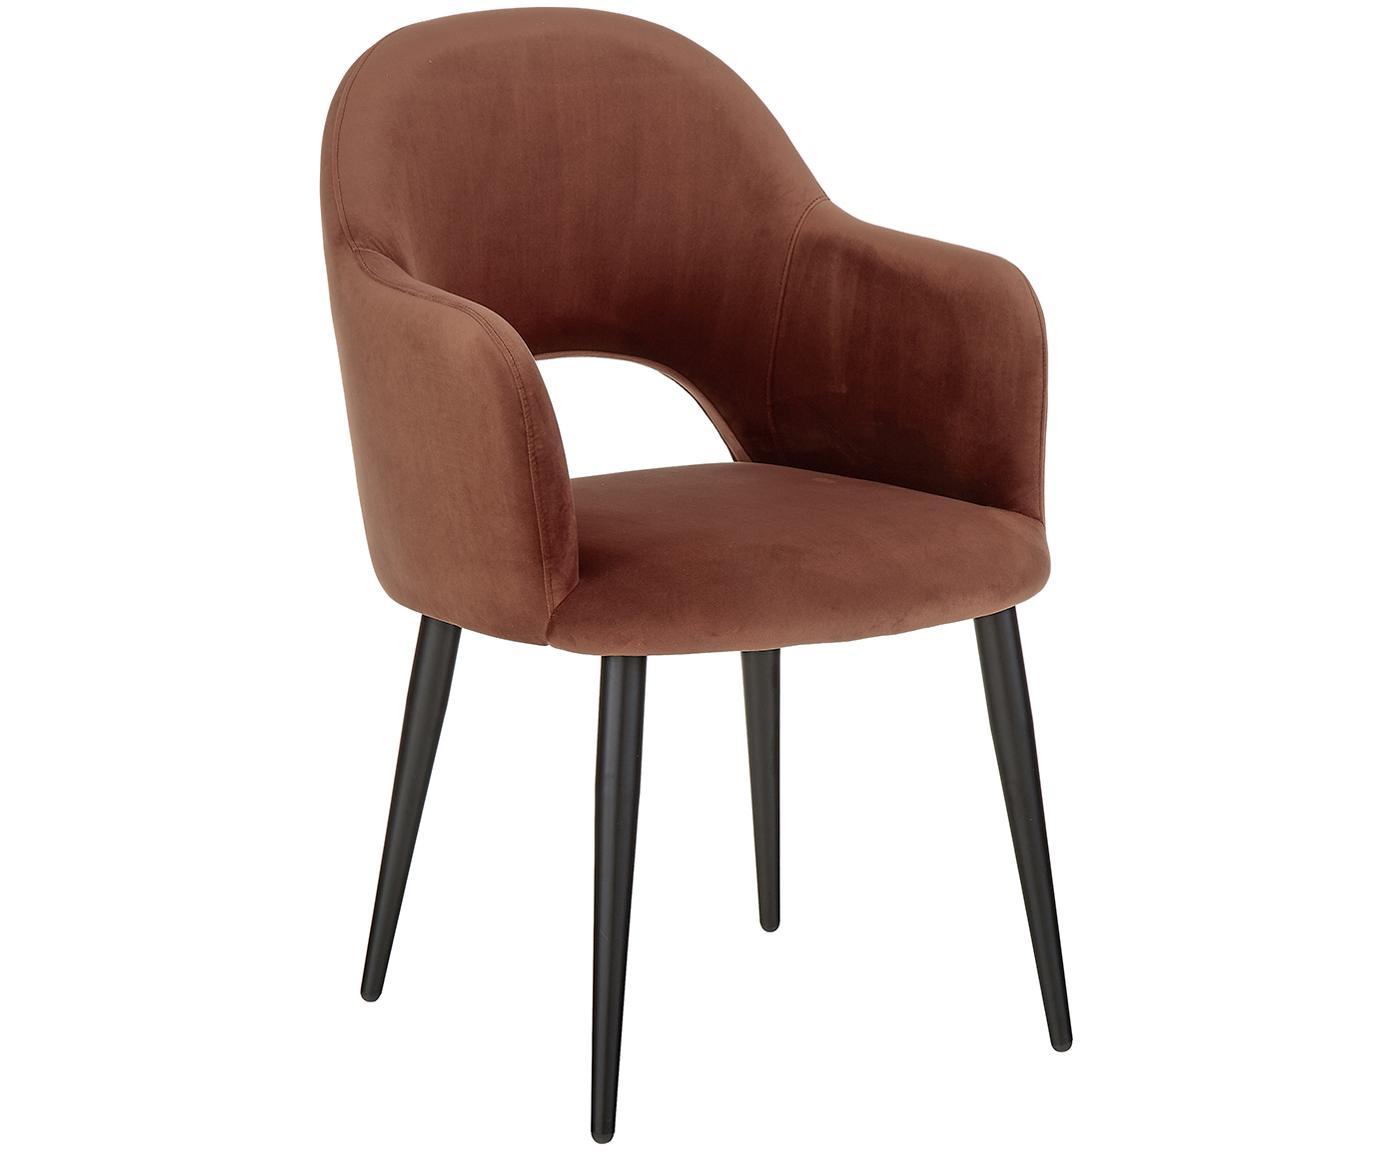 Krzesło z podłokietnikami z aksamitu Rachel, Tapicerka: aksamit (poliester) 5000, Nogi: metal malowany proszkowo, Aksamitny brązowy, S 47 x G 64 cm